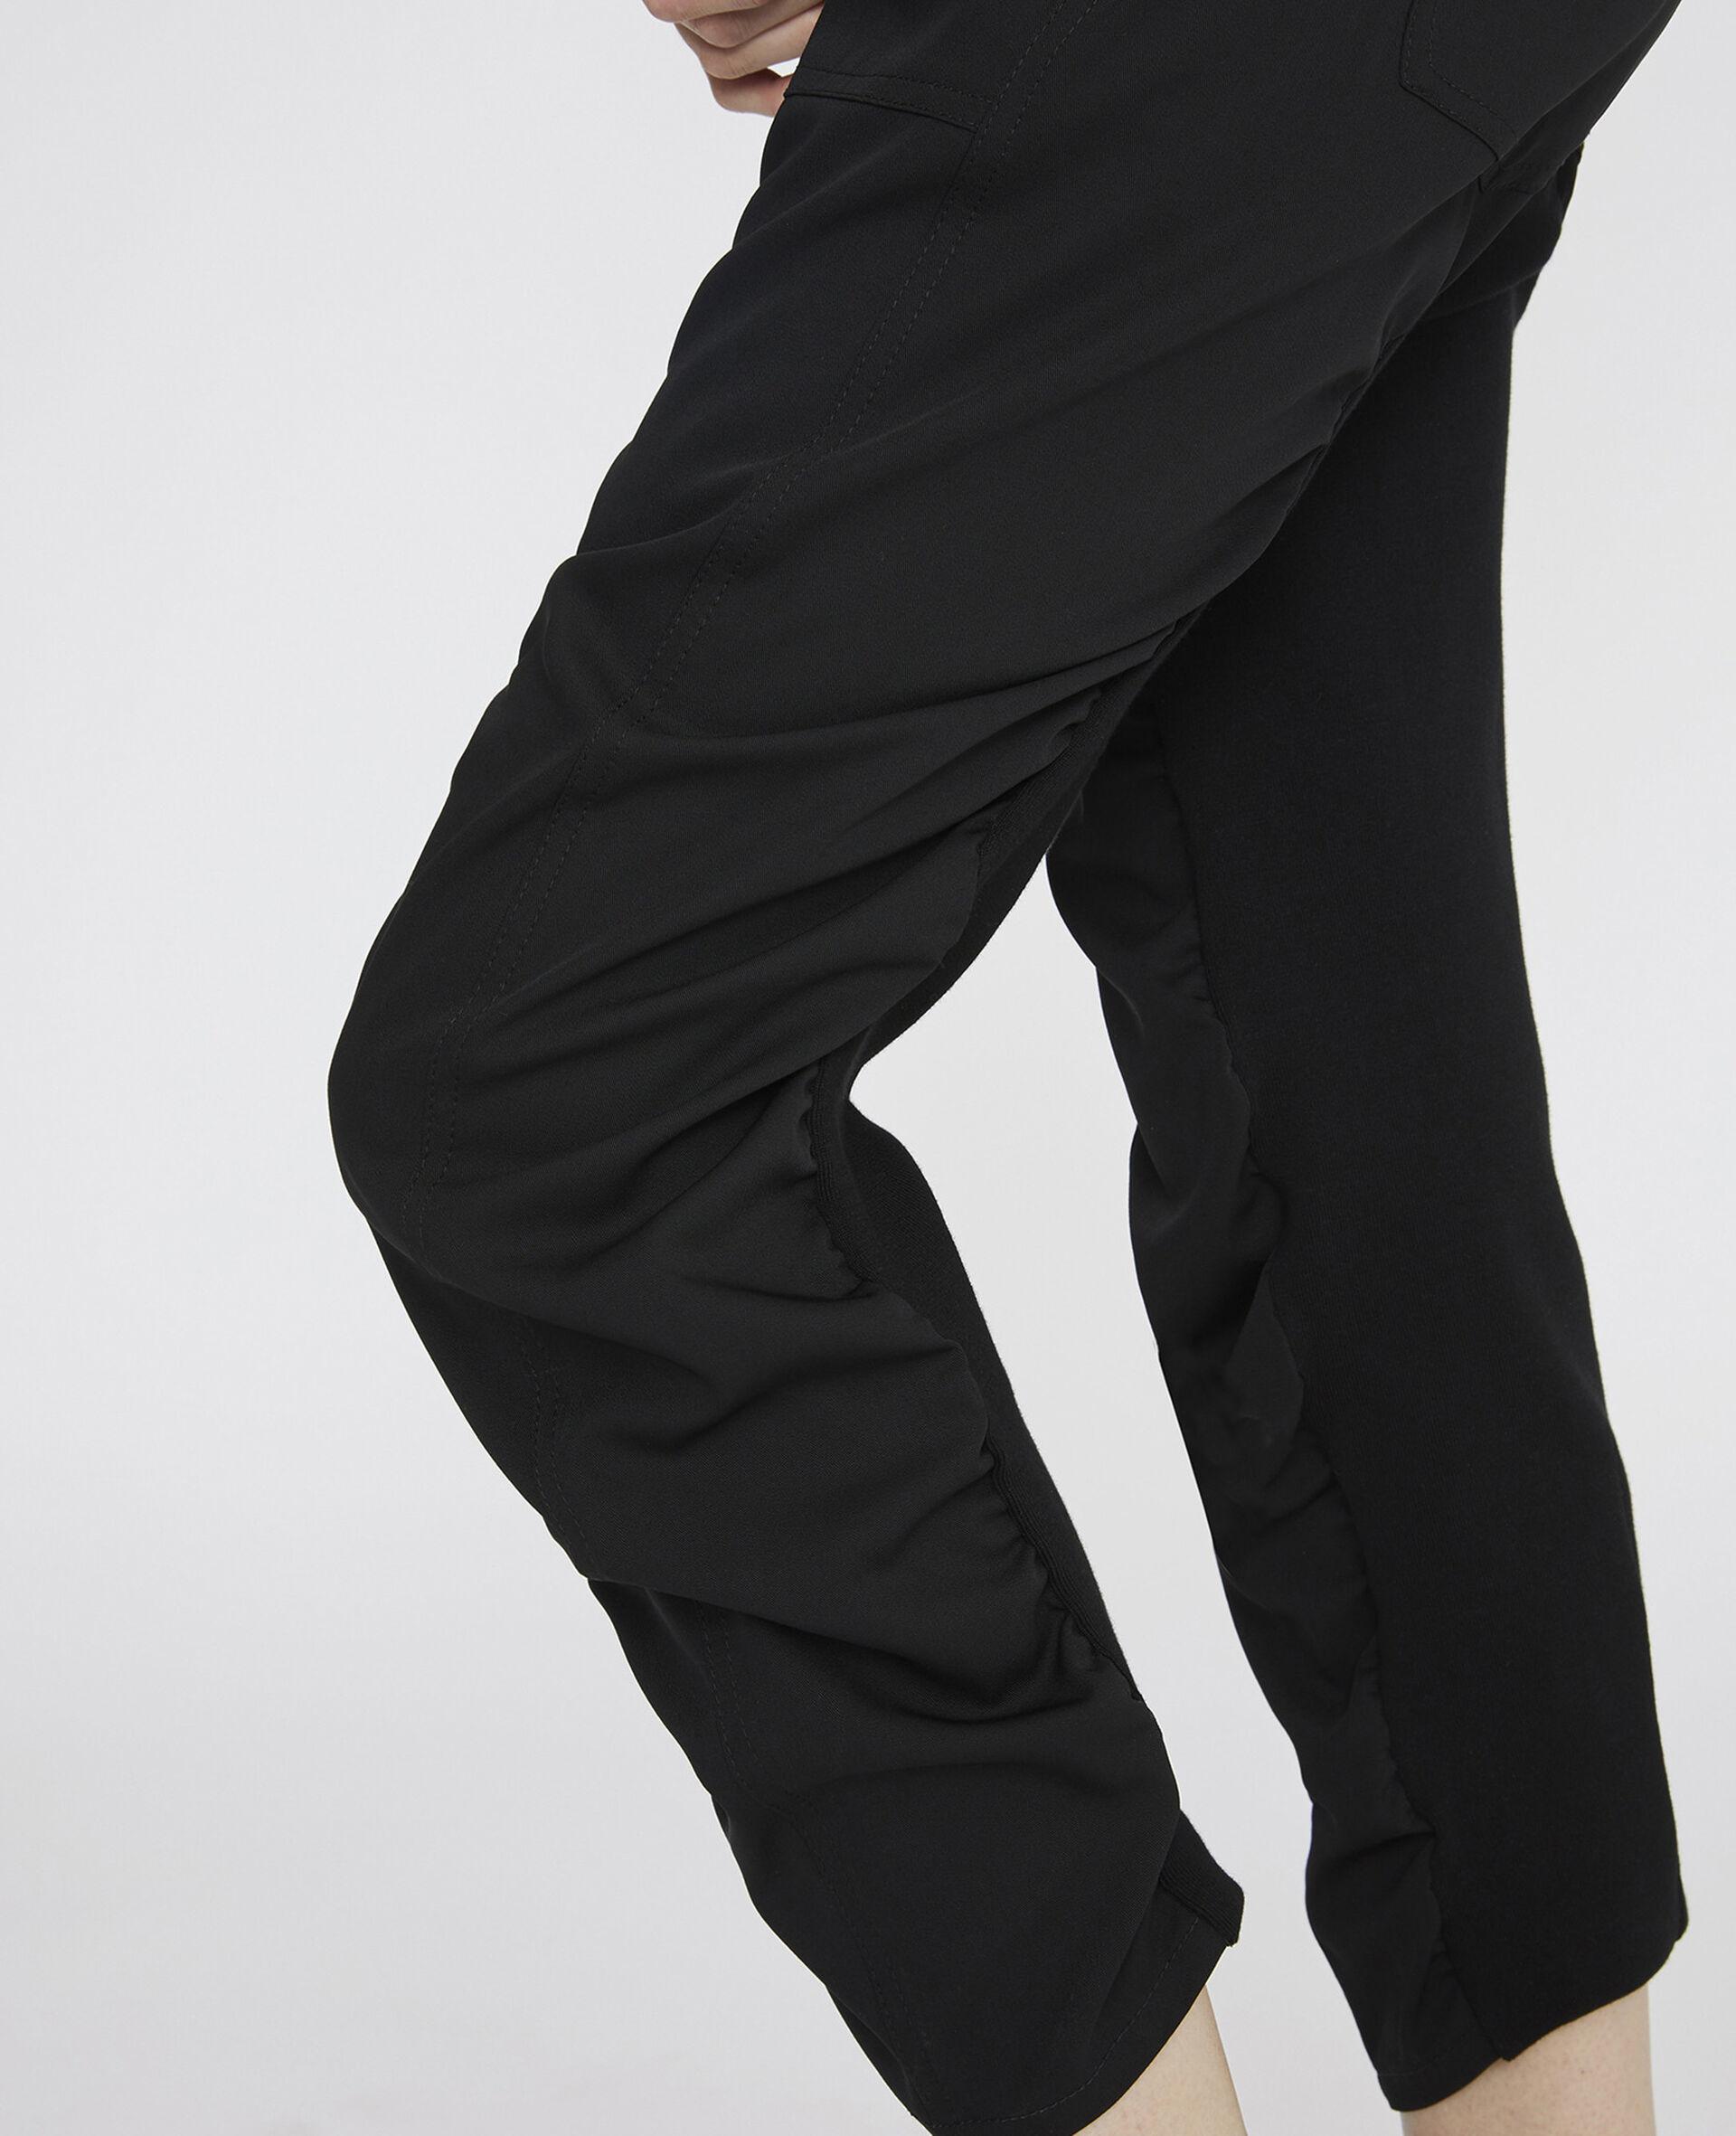 ブラック ティナ トラウザーズ-ブラック-large image number 3